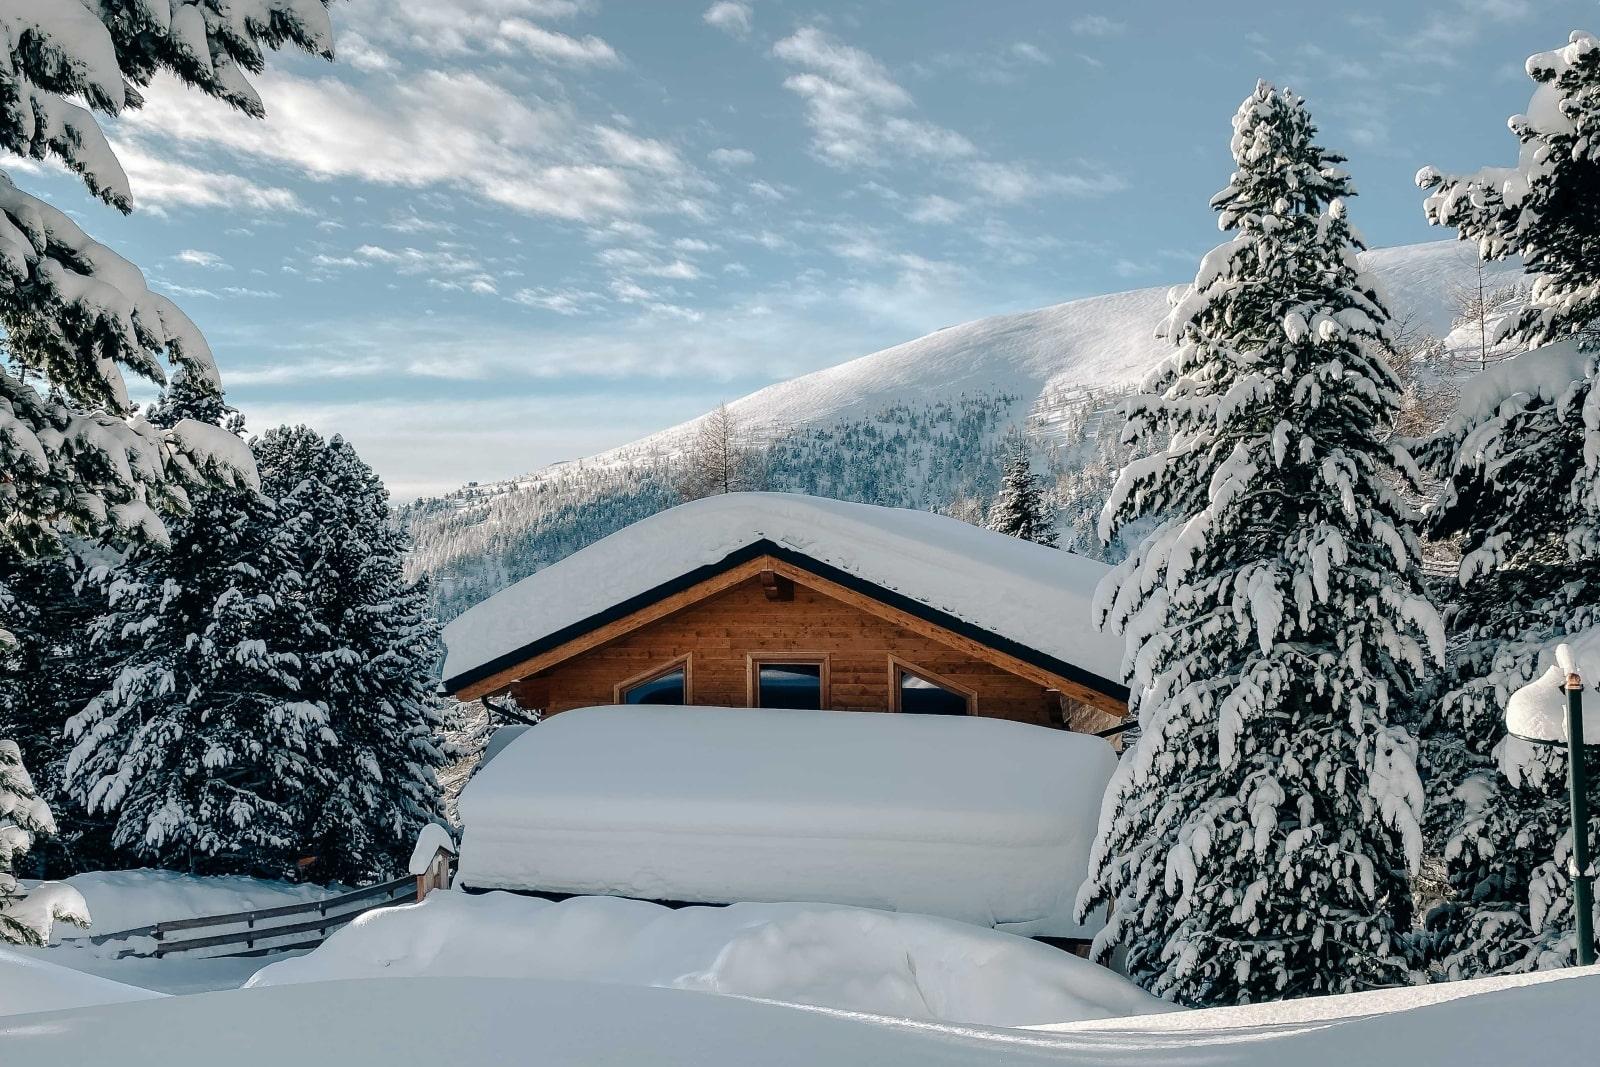 Heidi-Chalet-Falkert-Heidialm-Almsommer-Winter-Ski-Winter-Bergwald-Rodresnock